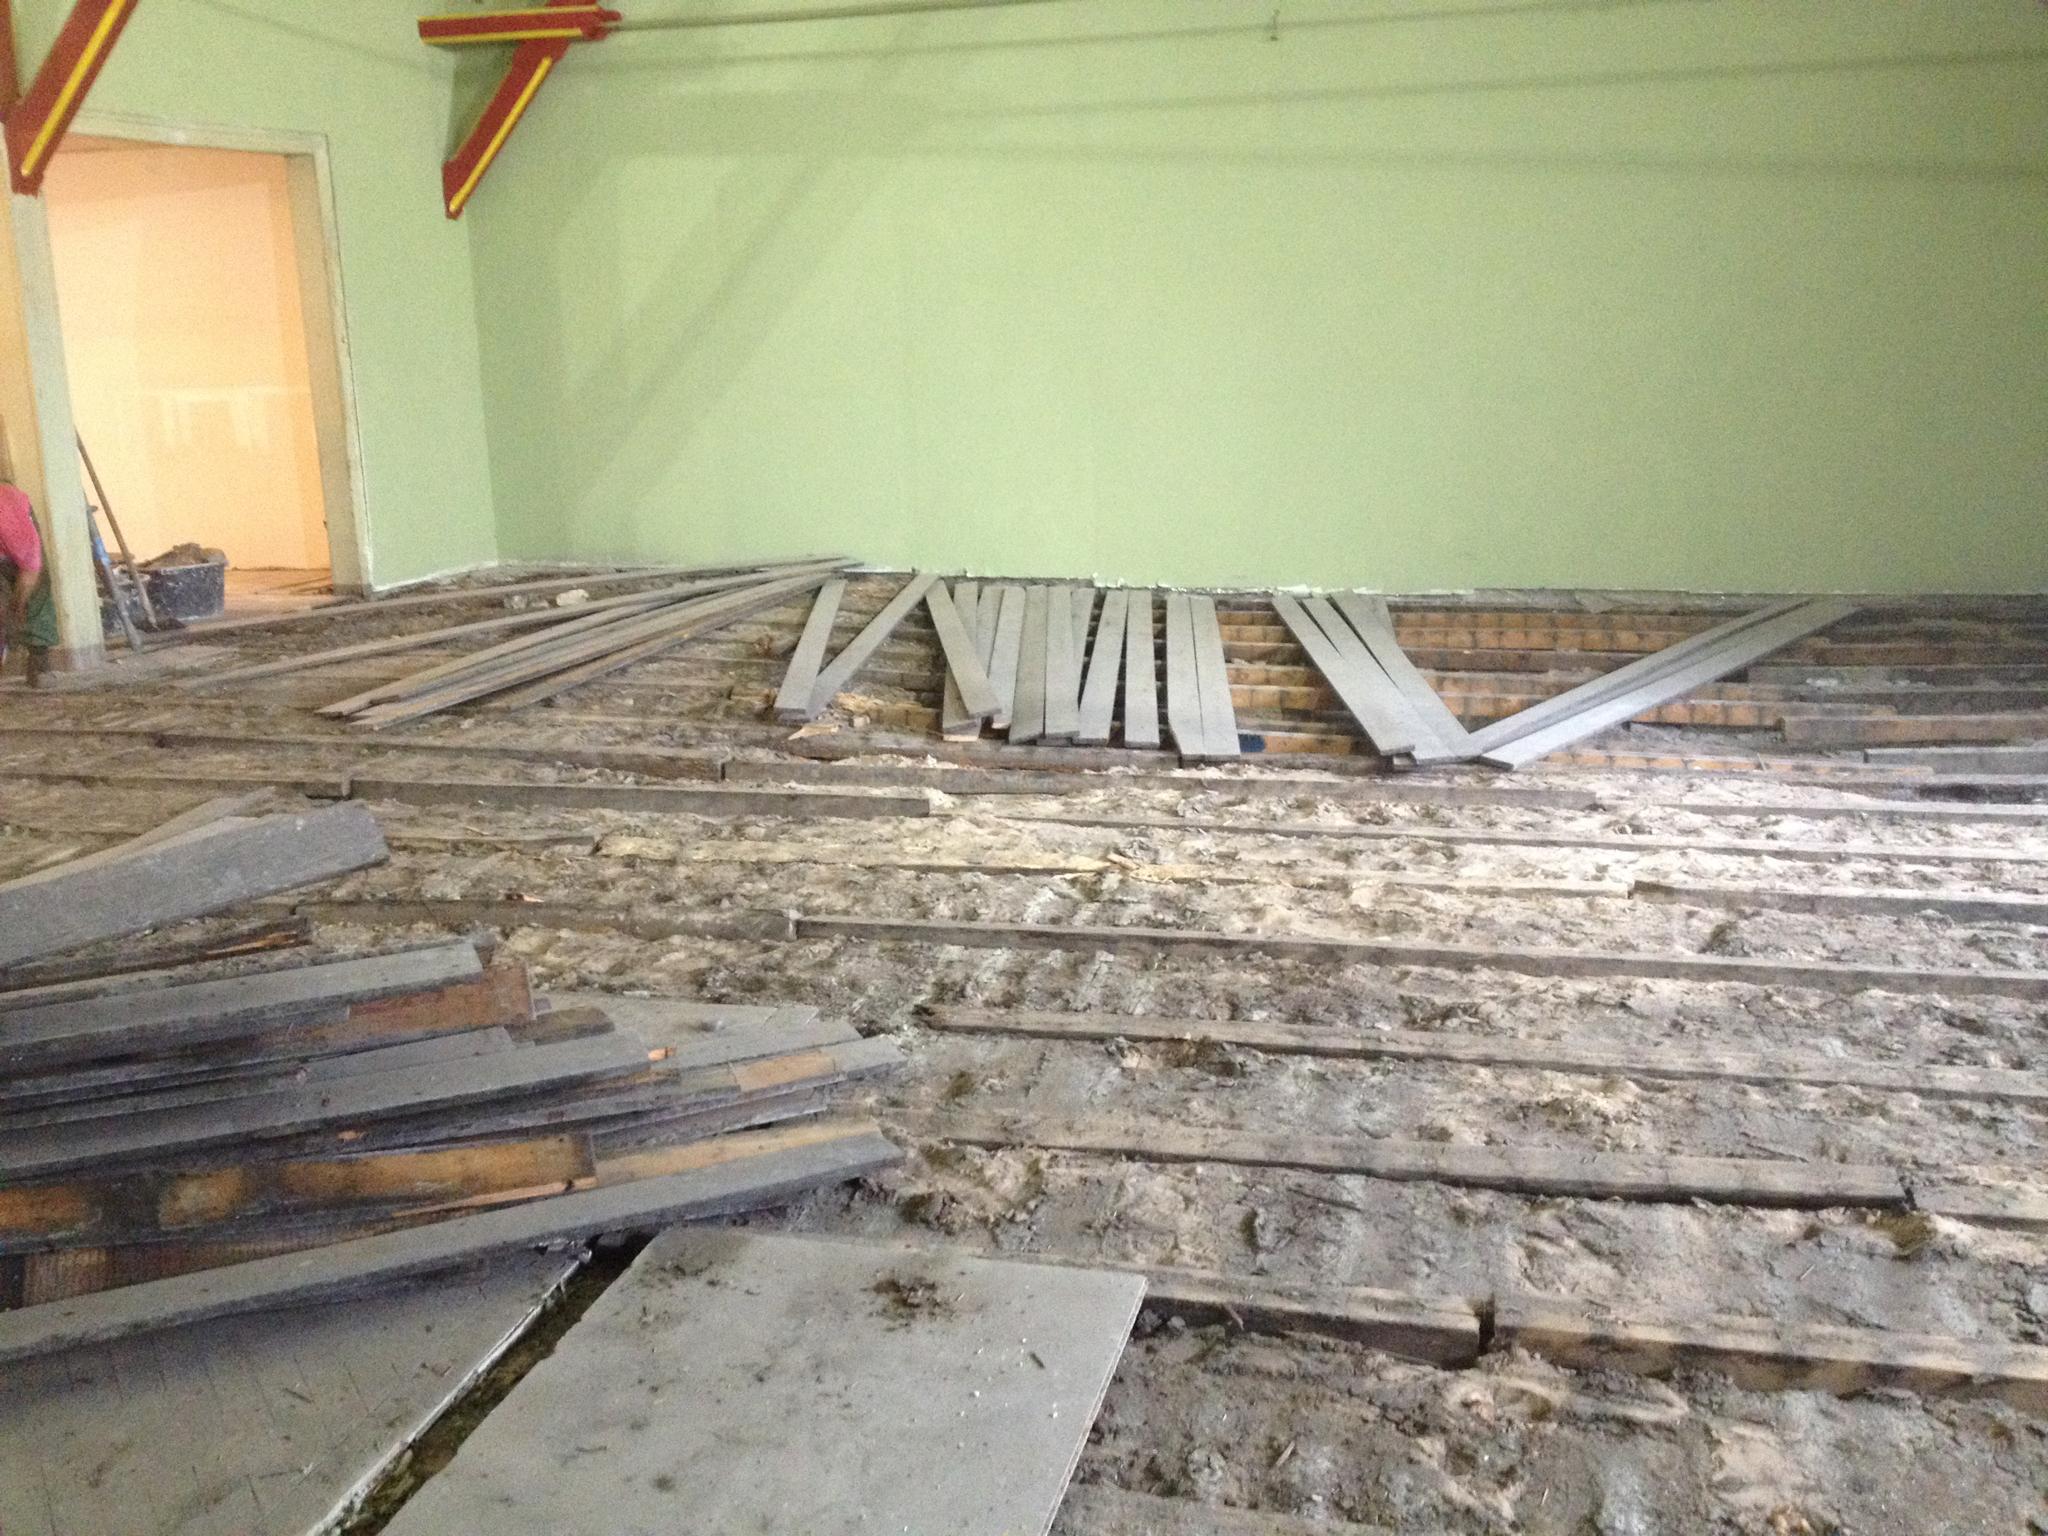 Der Bodenbelag wurde entfernt, um der Ursache der Schwingung nachzugehen (Oktober 2015).